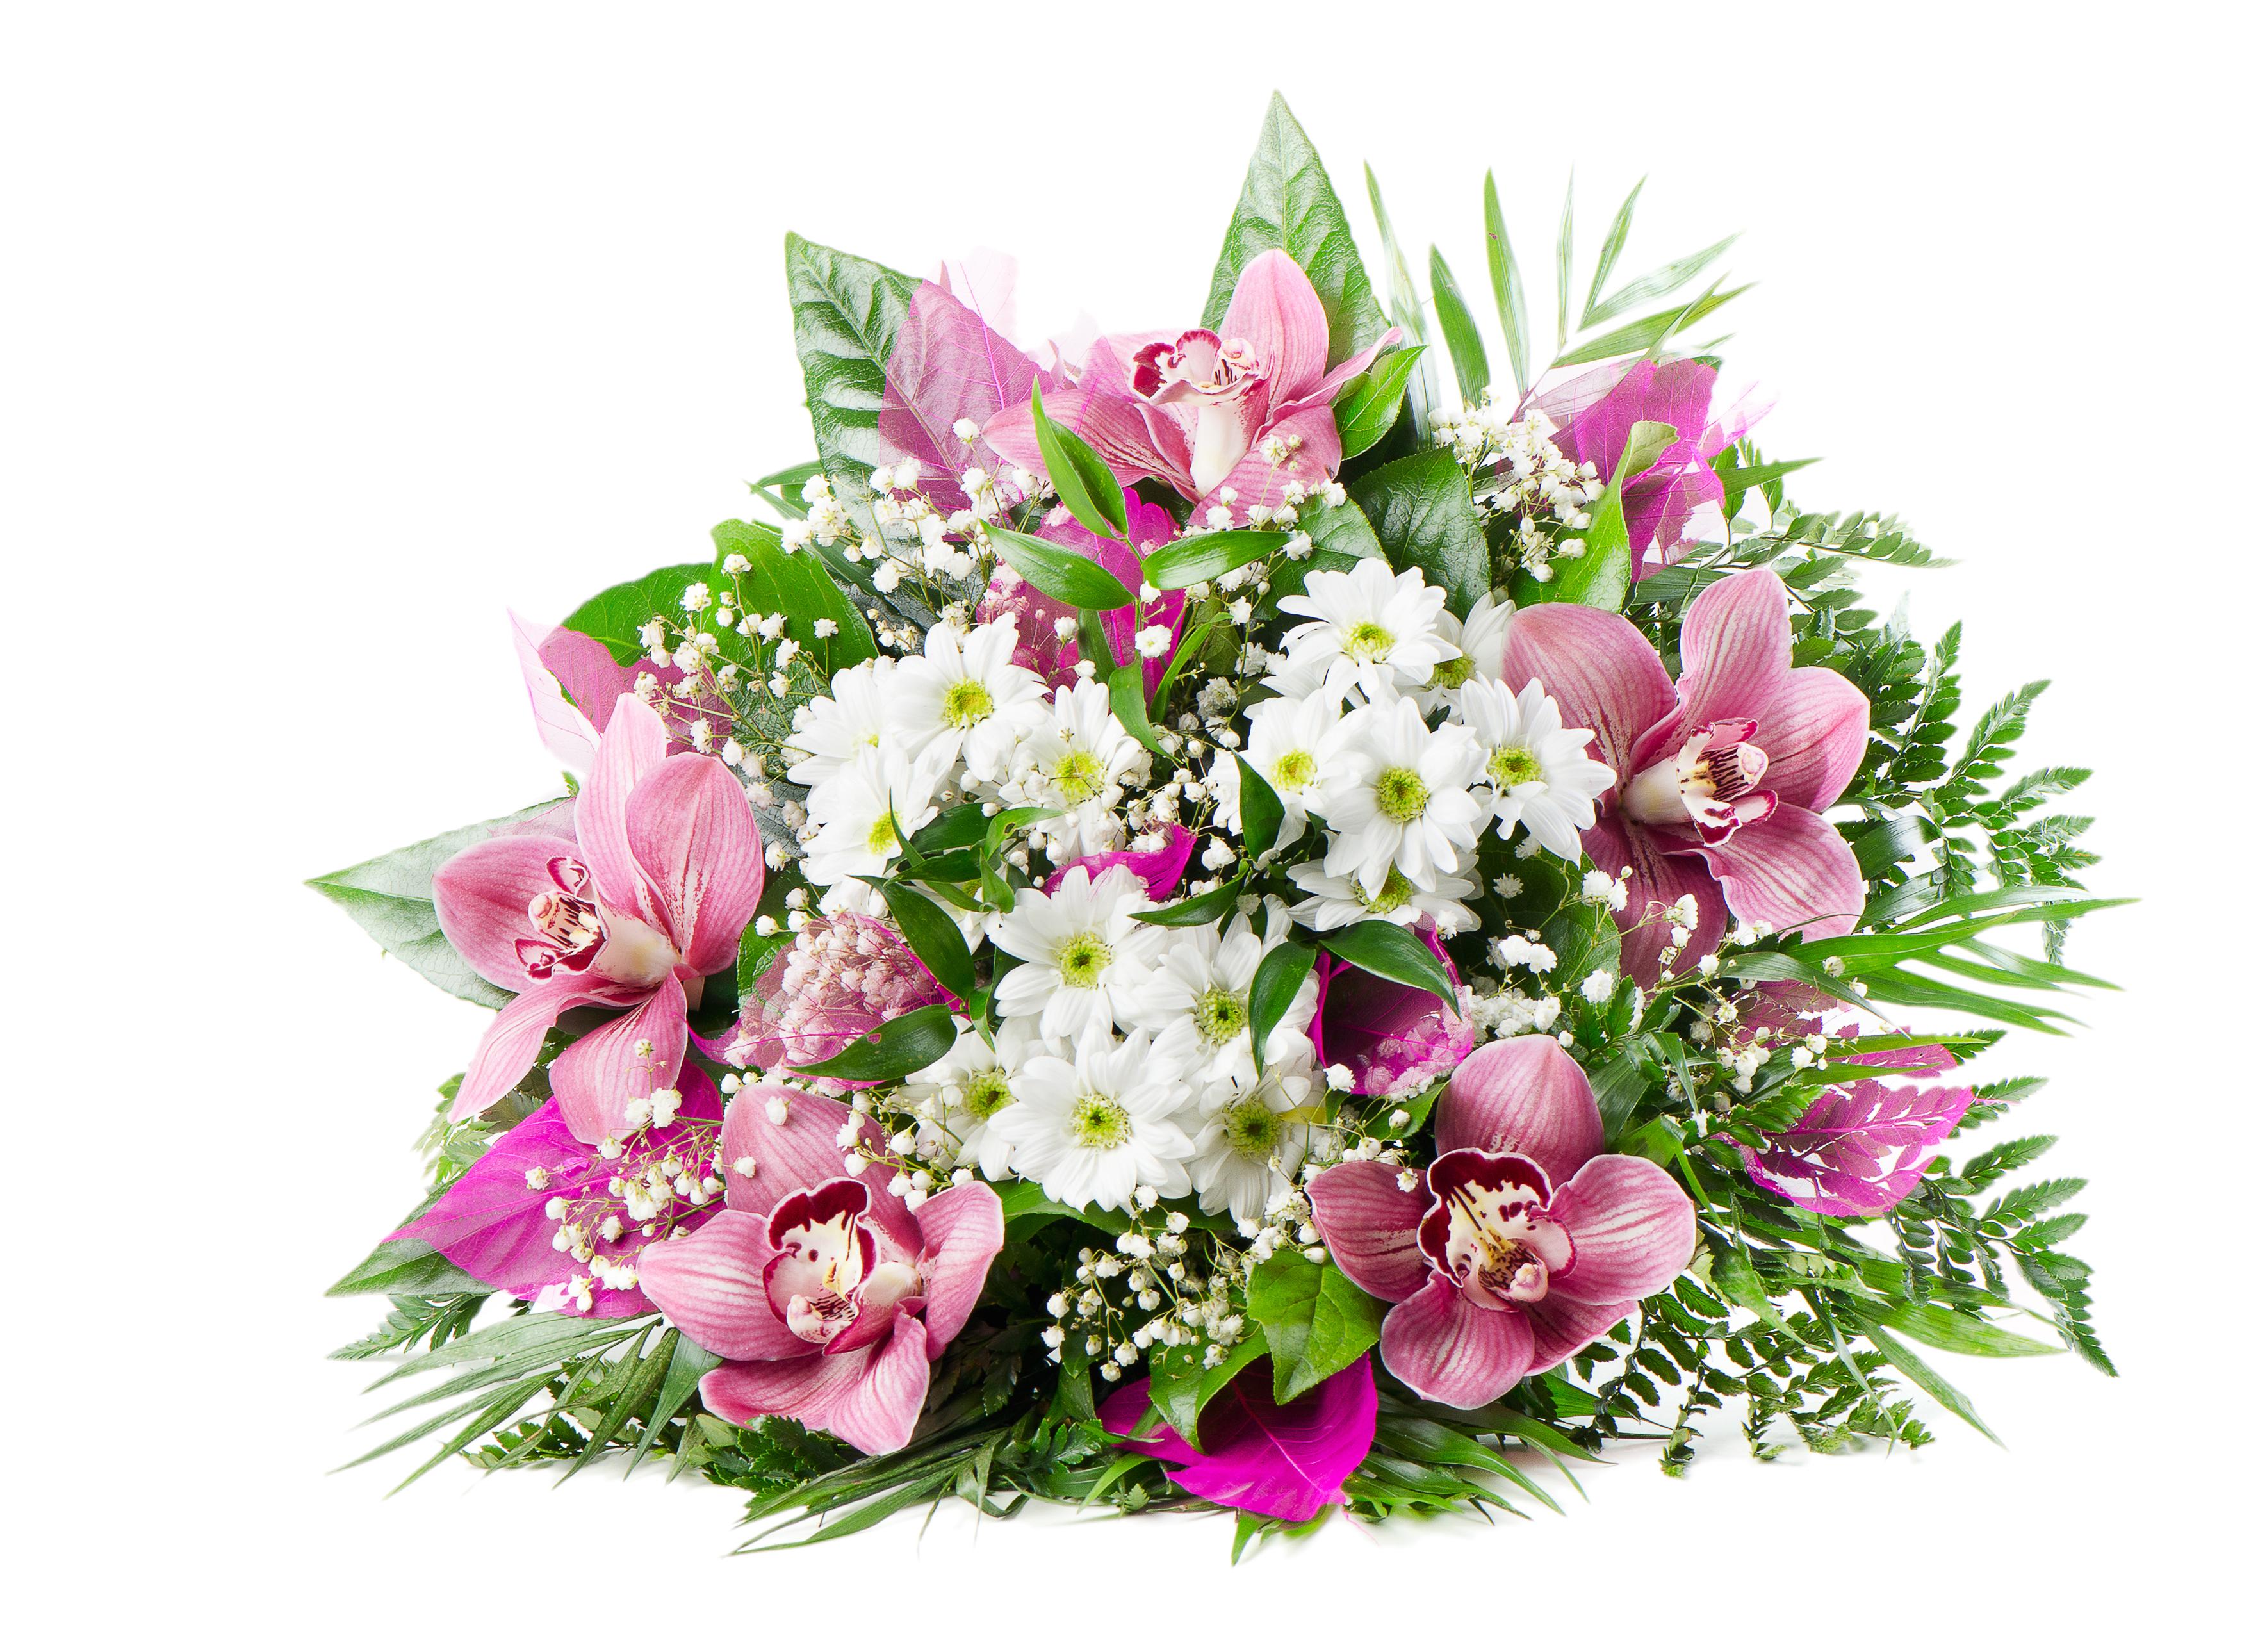 Красивые цветов на белом фоне